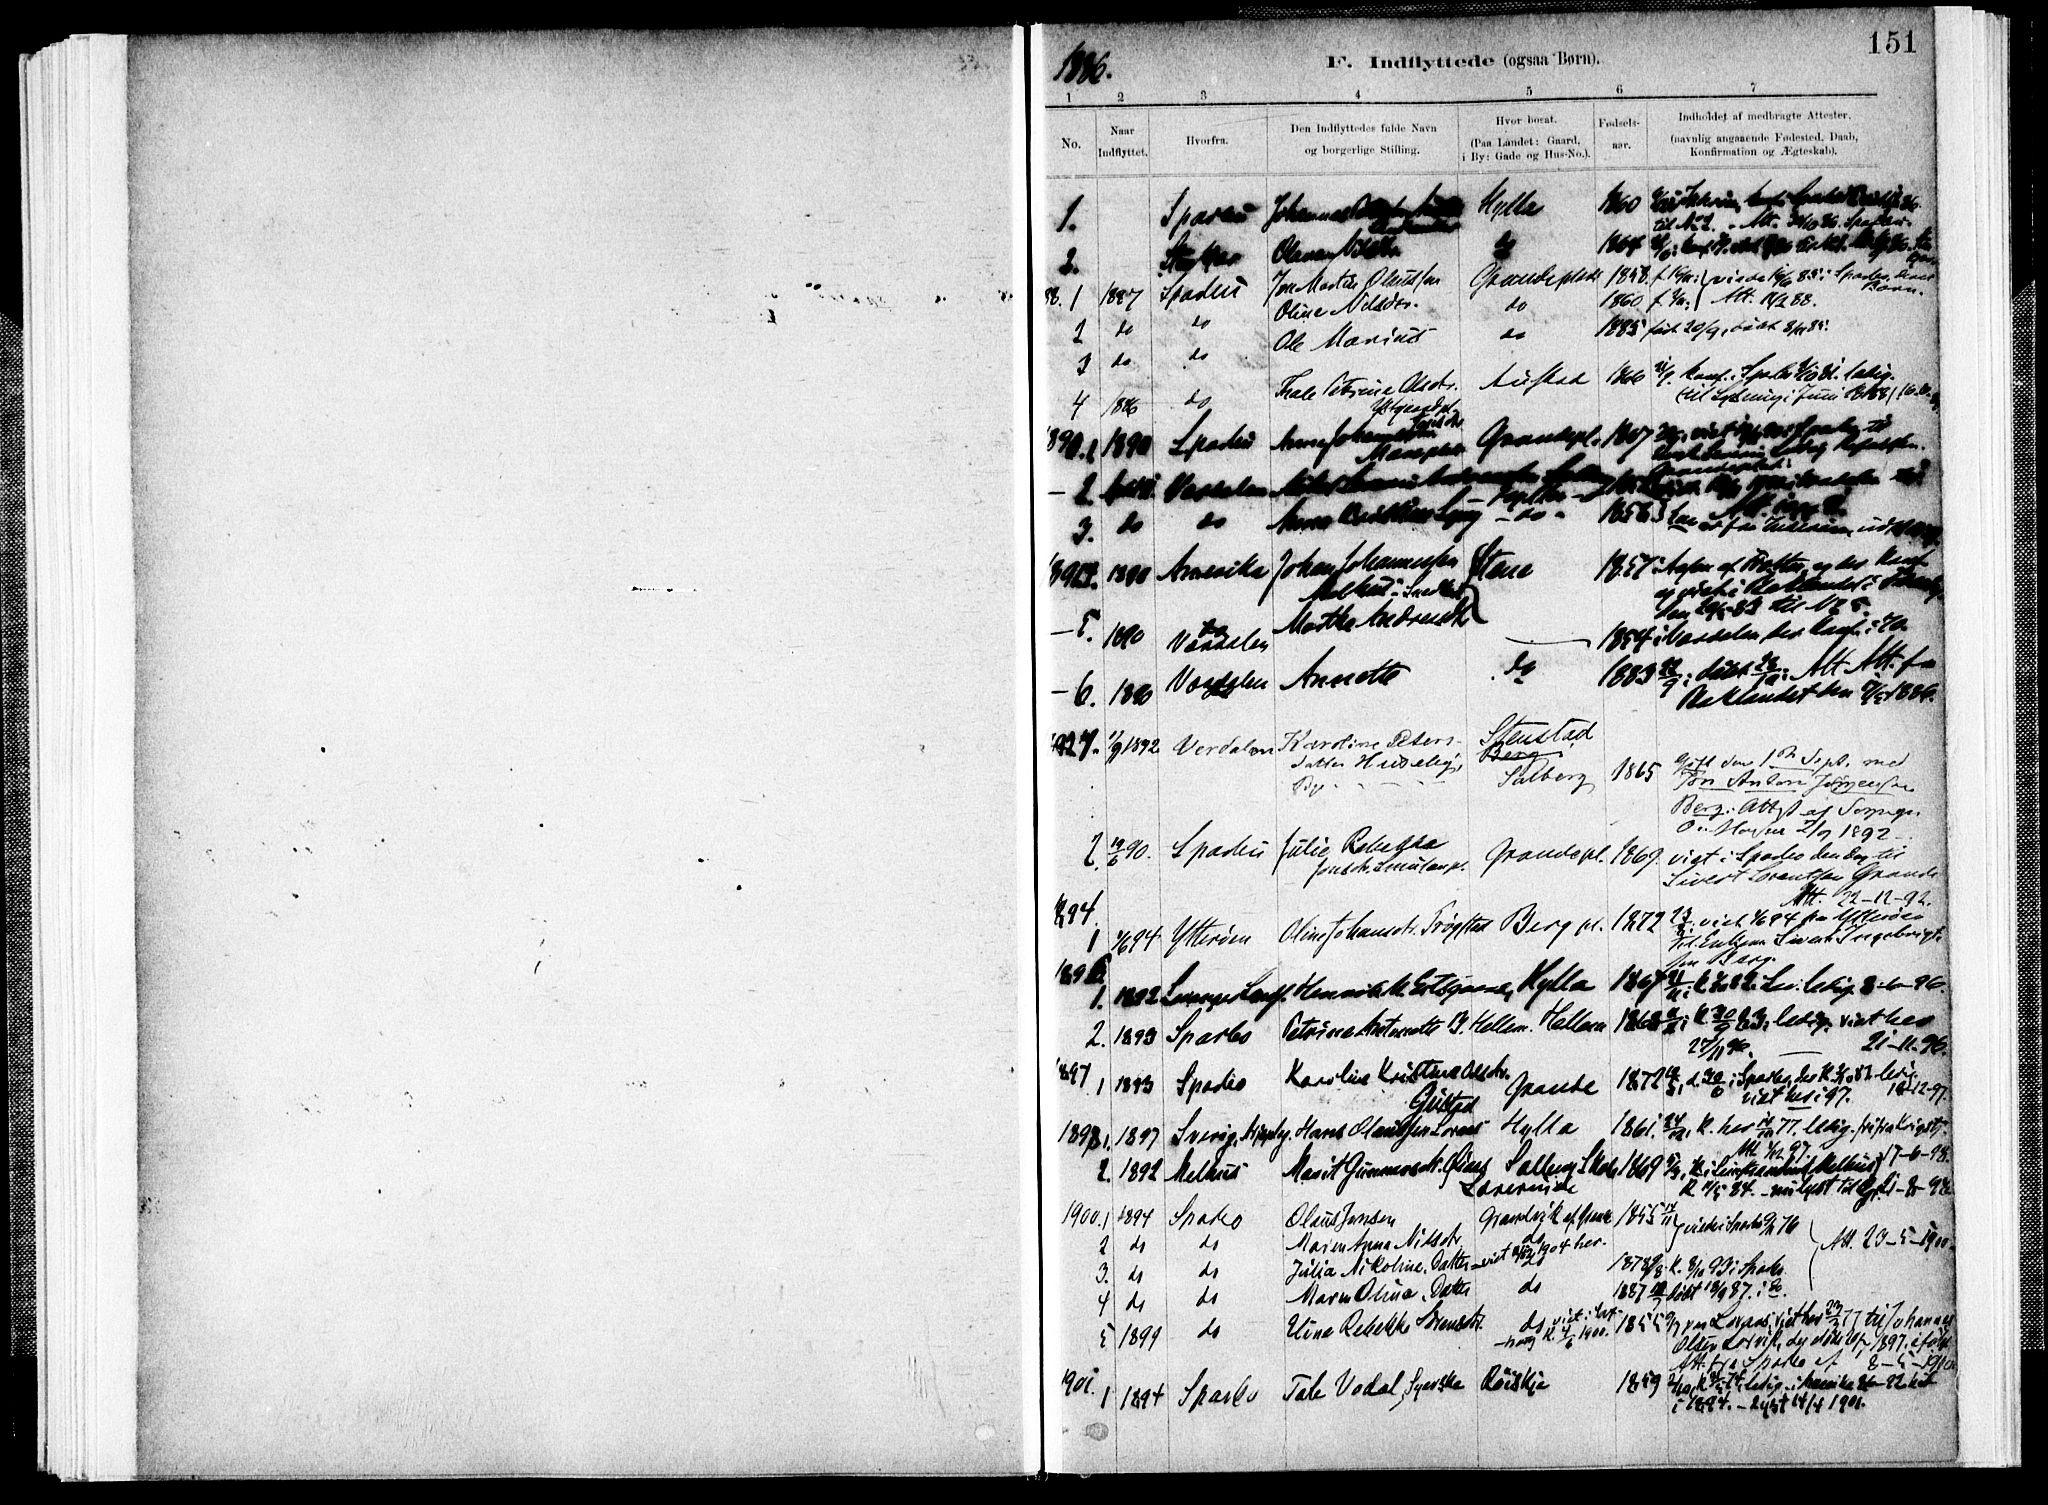 SAT, Ministerialprotokoller, klokkerbøker og fødselsregistre - Nord-Trøndelag, 731/L0309: Ministerialbok nr. 731A01, 1879-1918, s. 151